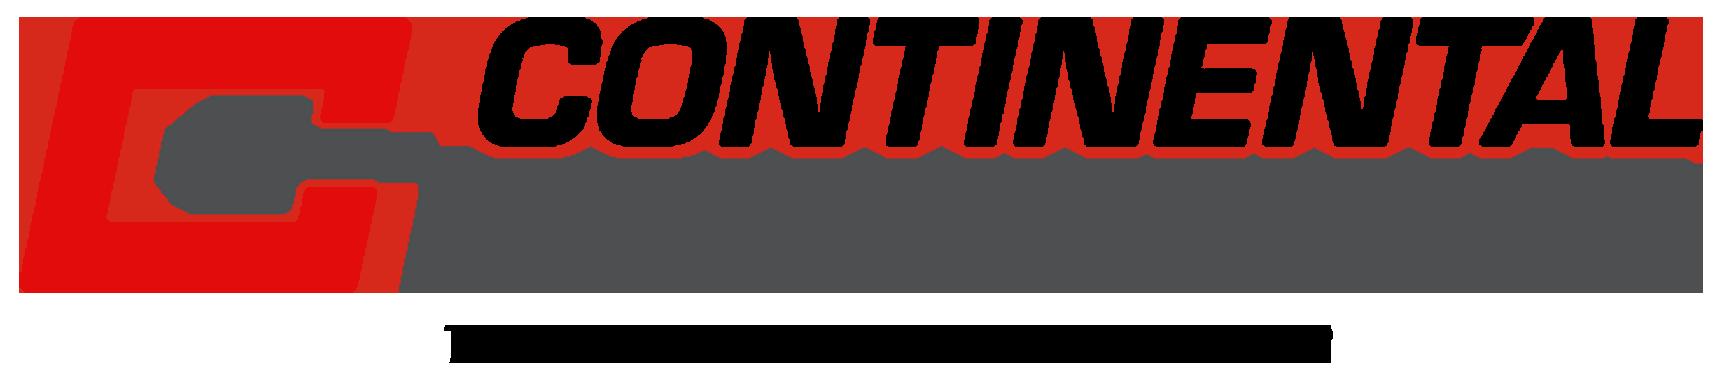 ROB064-20044-02